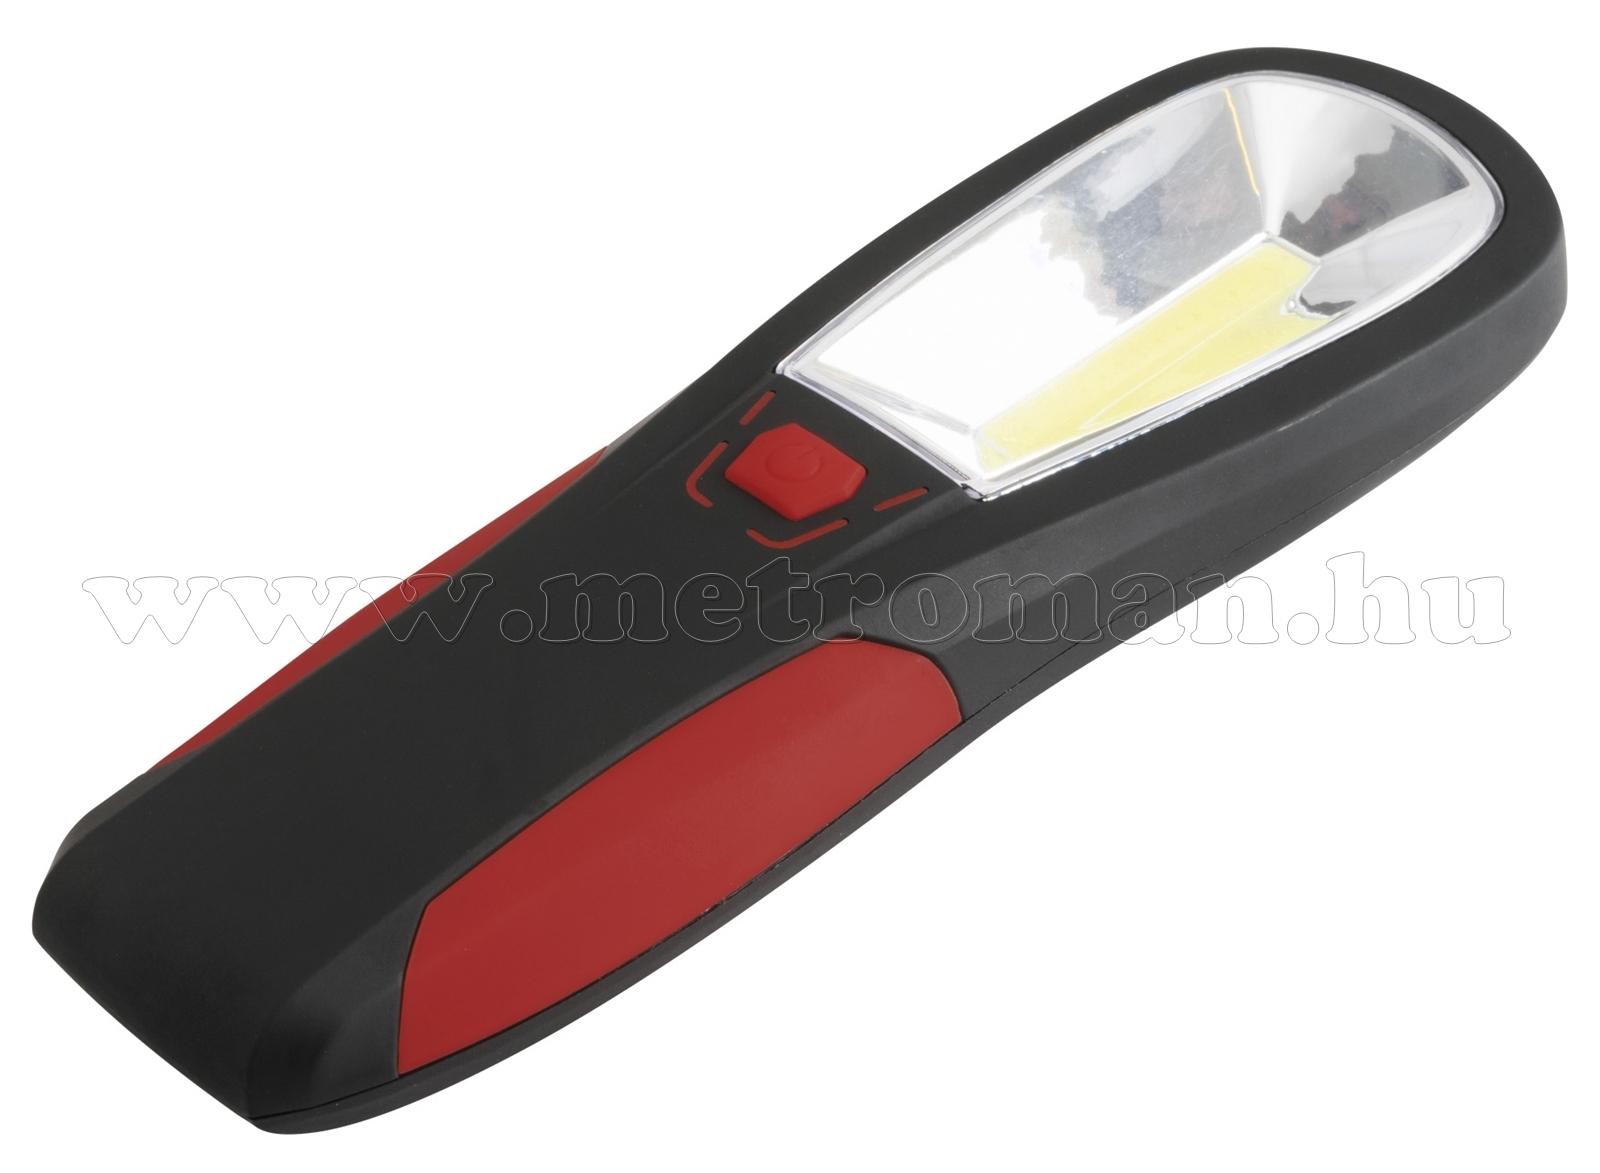 Kézi elemlámpa, COB LED szerelőlámpa WL07